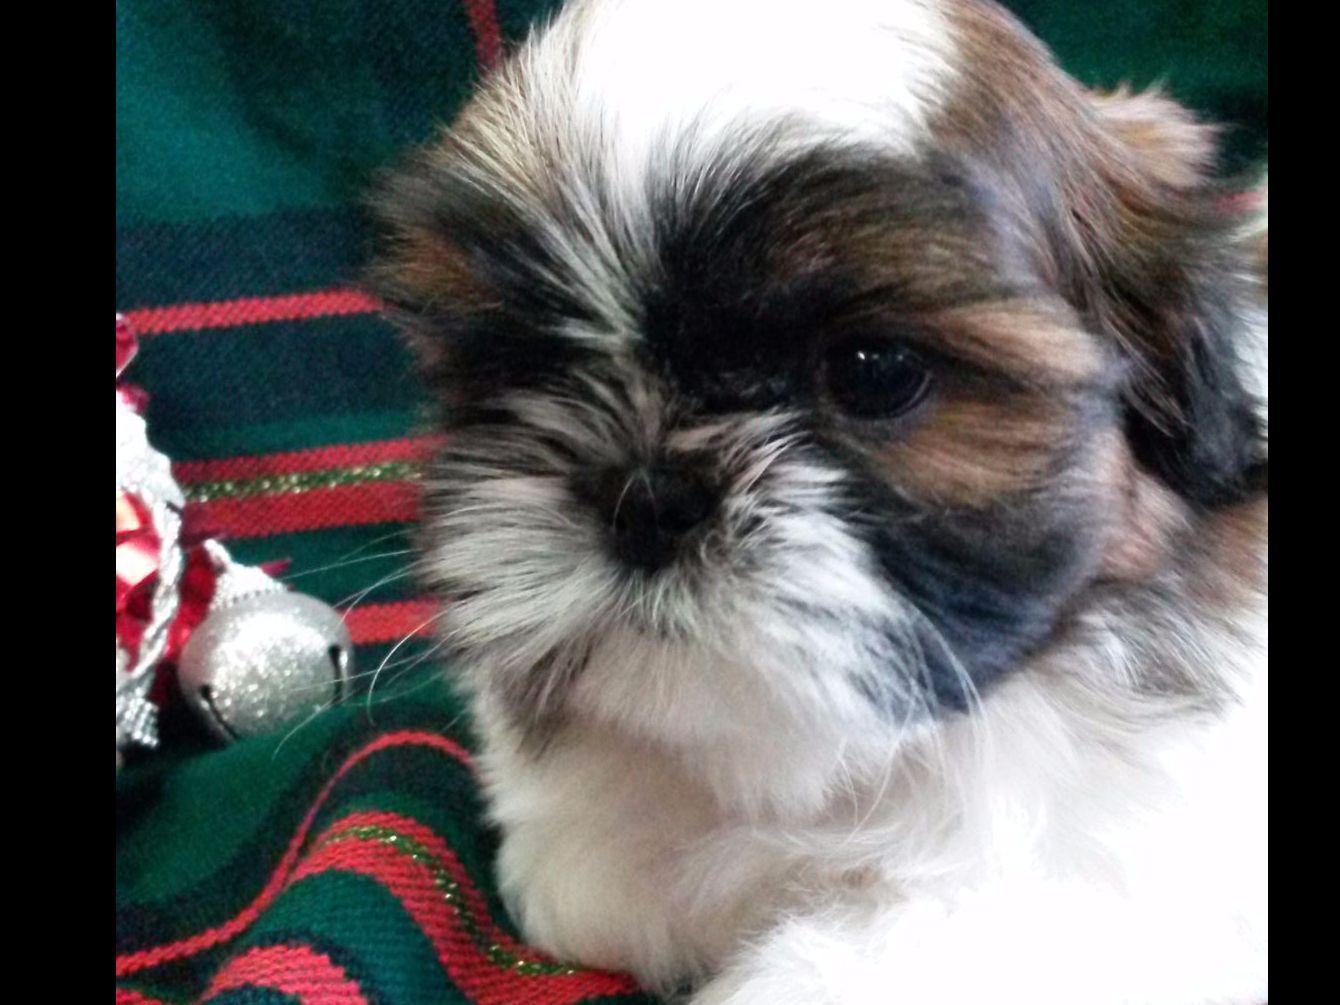 Jill Ryan - MIRALAN SHIH TZU - Shih Tzu Puppies For Sale